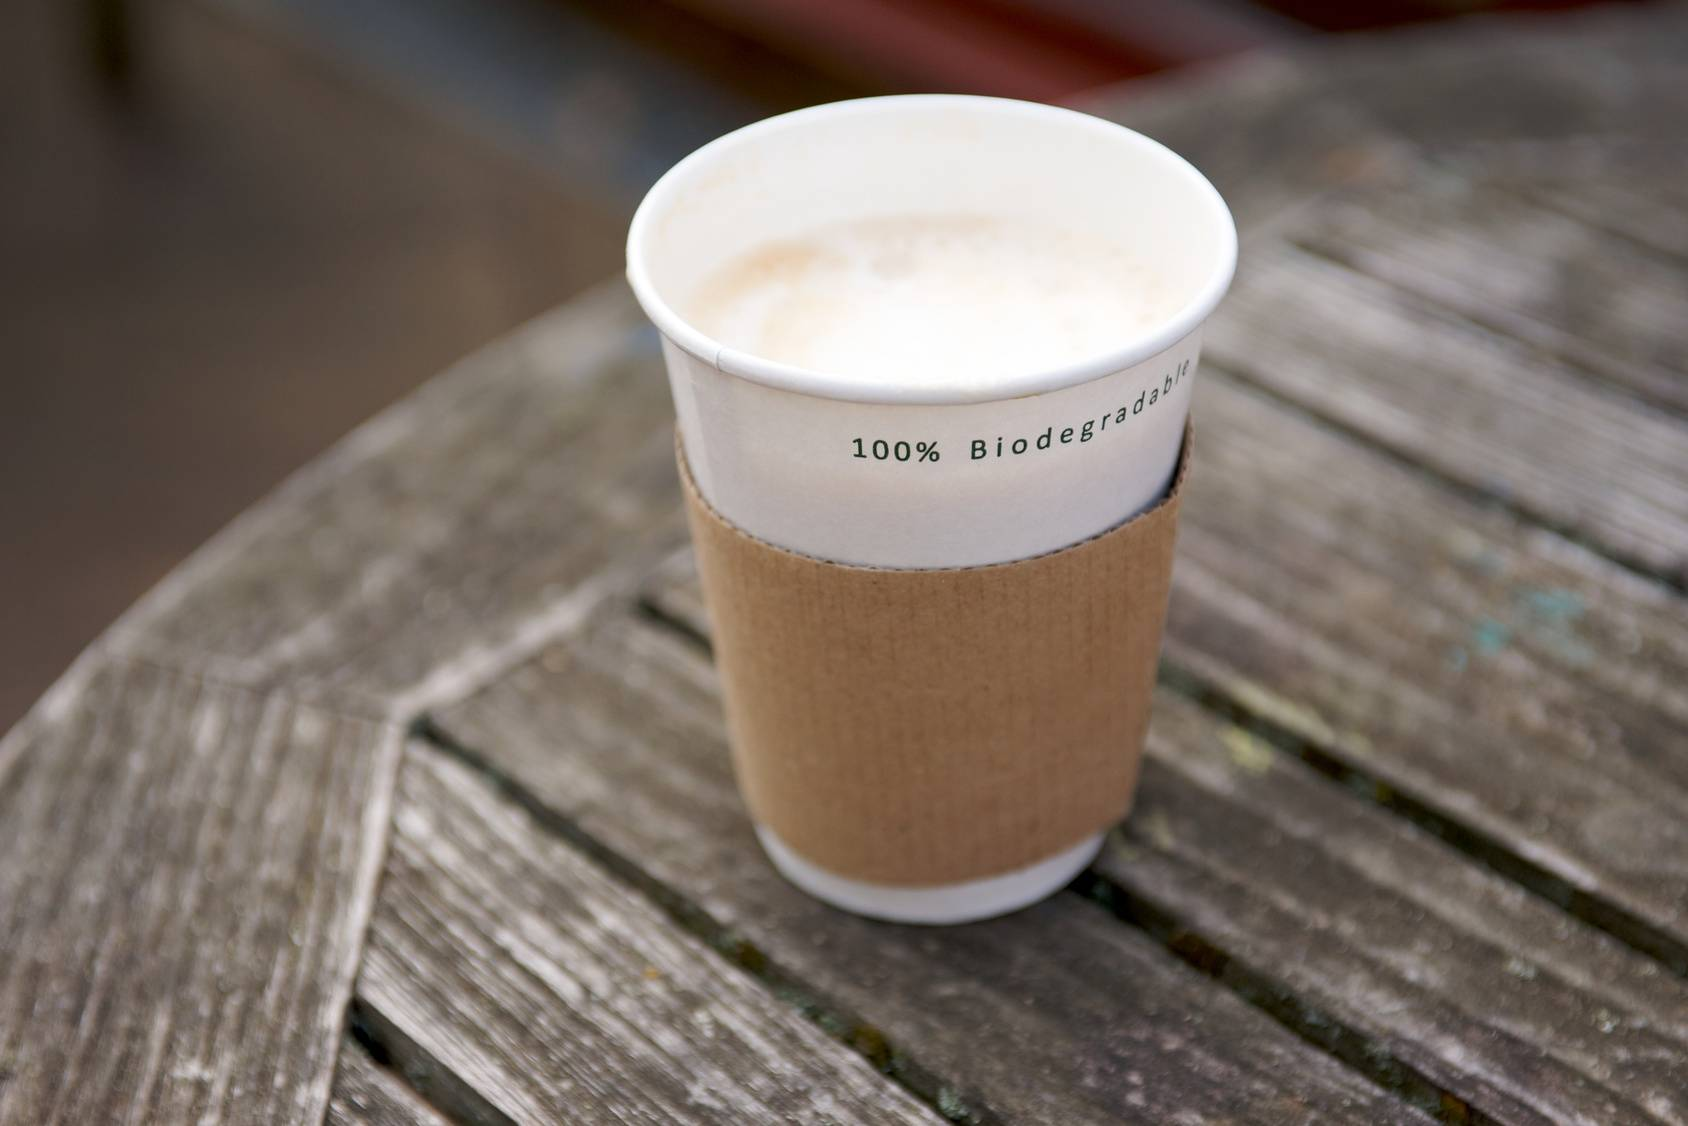 Biodegradowalny kubek na kawę - alternatywa dla plastiku.